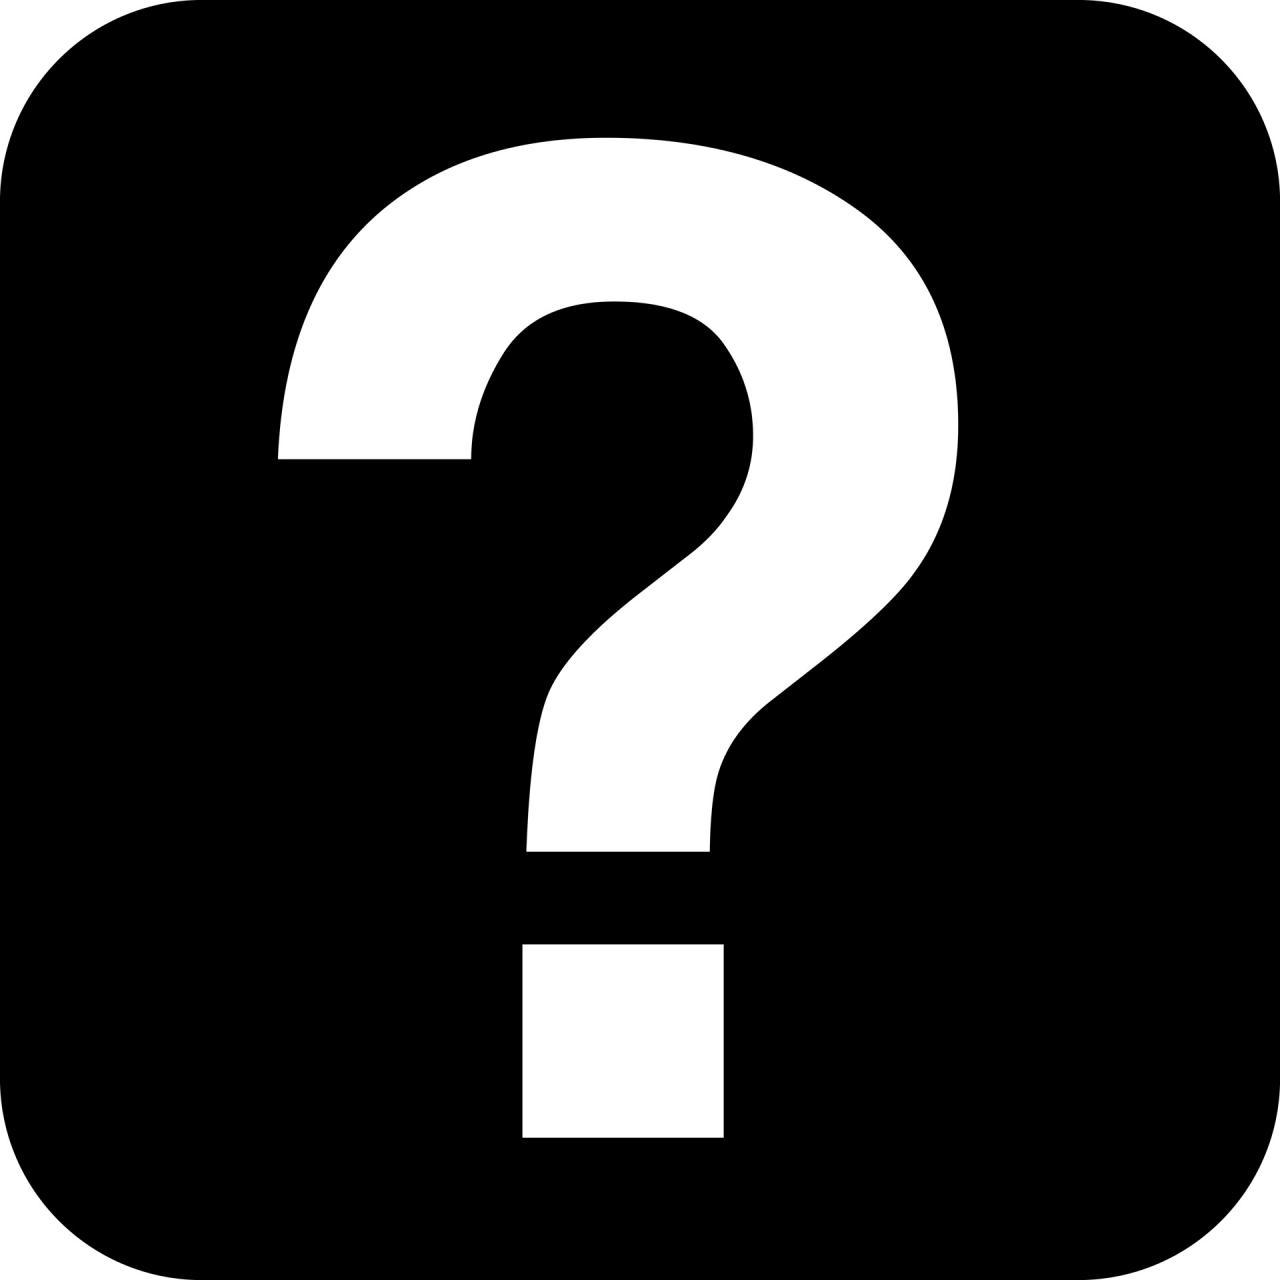 soru kelimeleri türkçe ile ilgili görsel sonucu